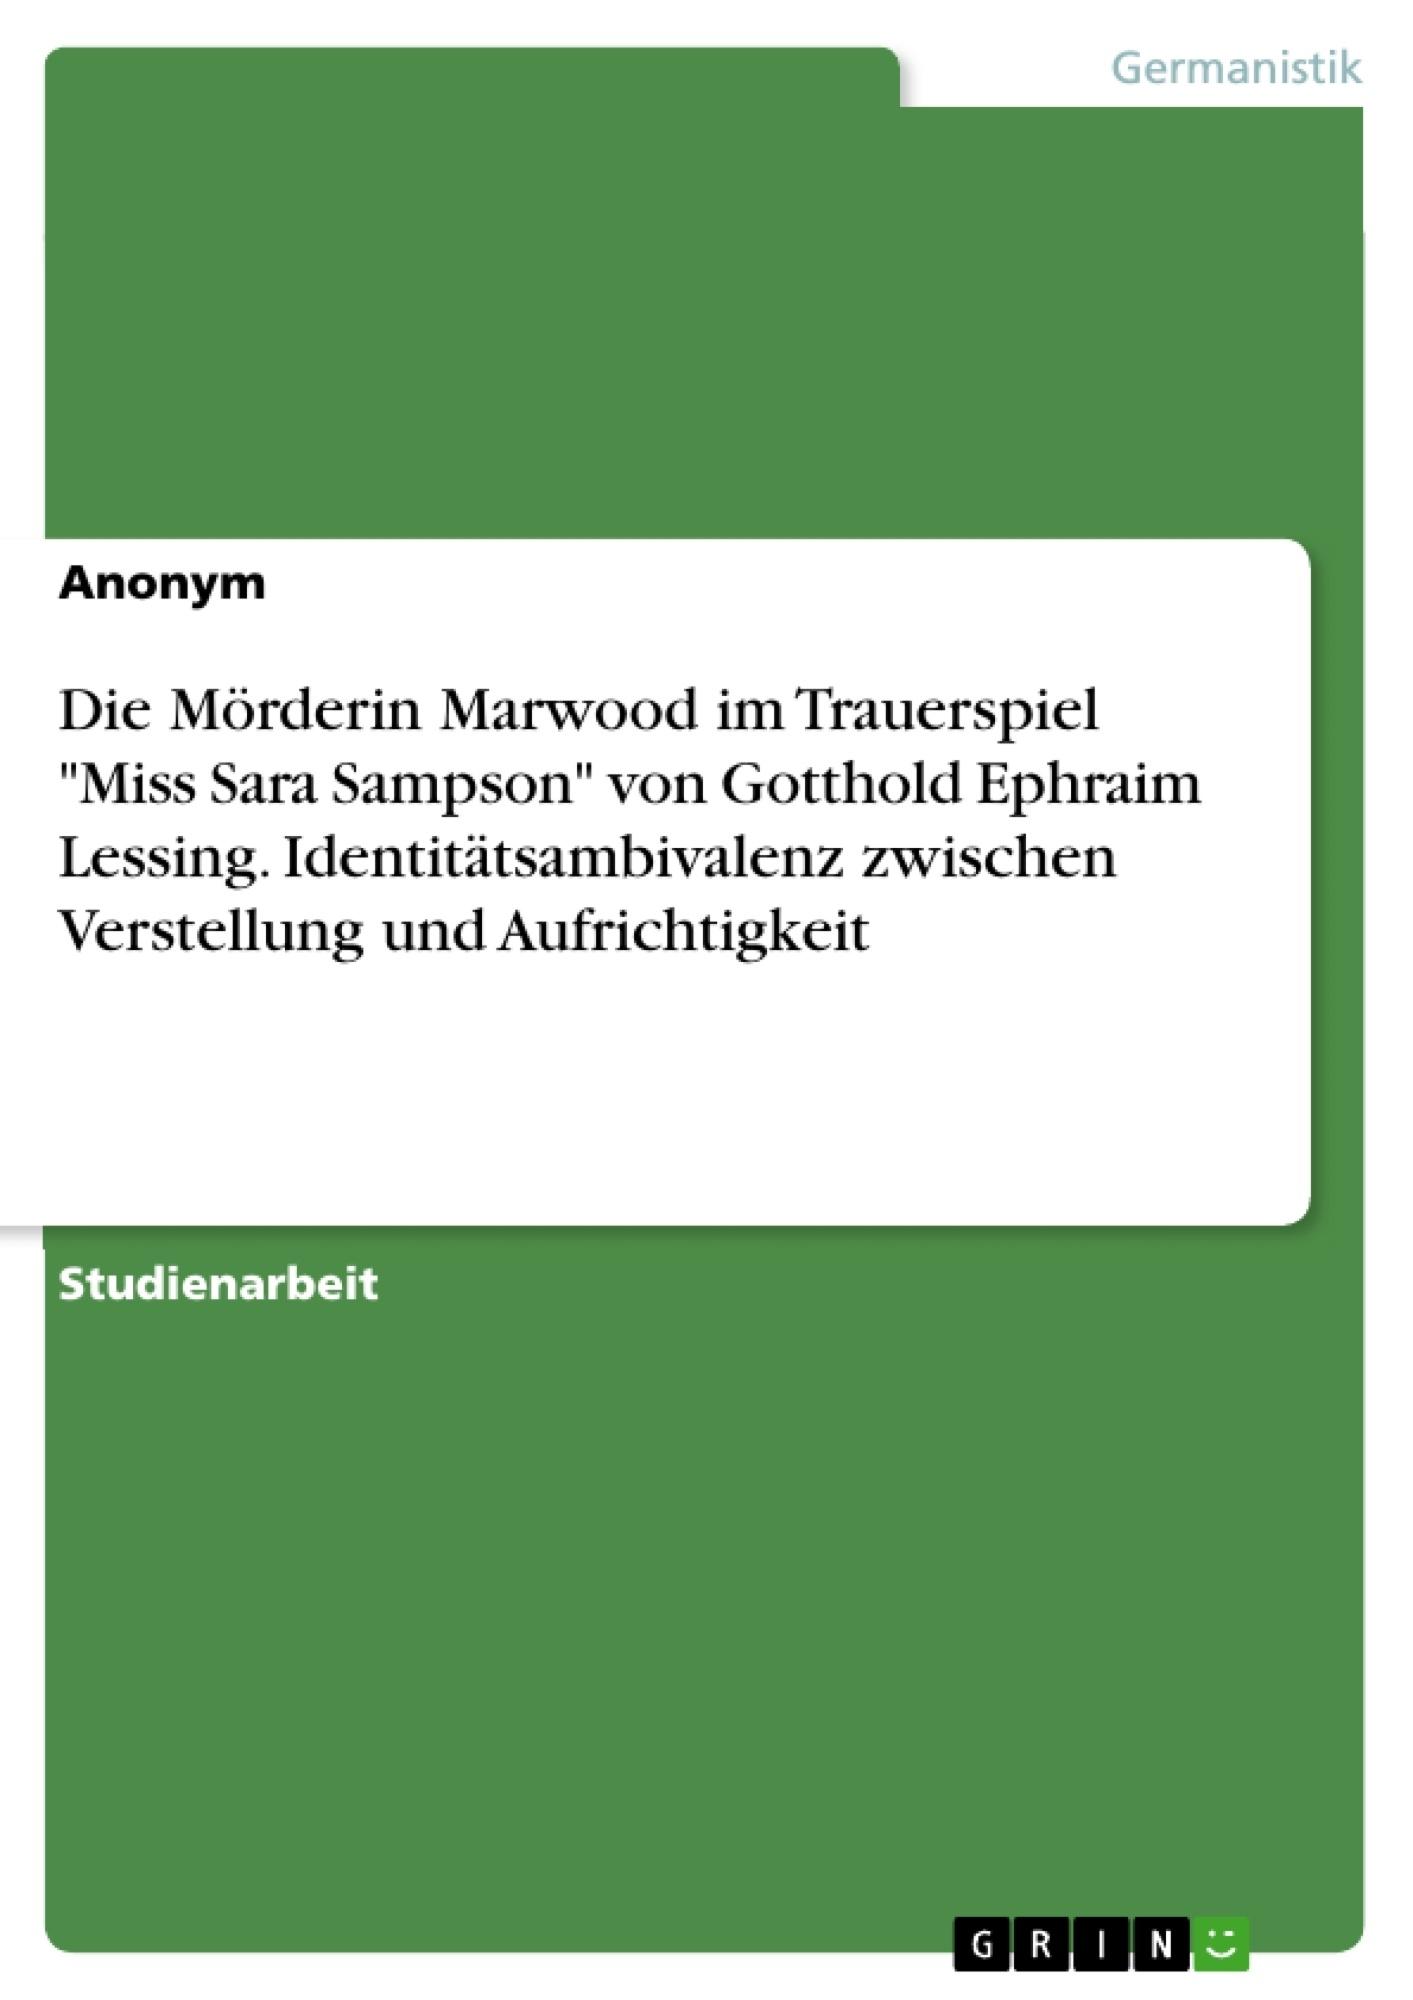 """Titel: Die Mörderin Marwood im Trauerspiel """"Miss Sara Sampson"""" von Gotthold Ephraim Lessing. Identitätsambivalenz zwischen Verstellung und Aufrichtigkeit"""